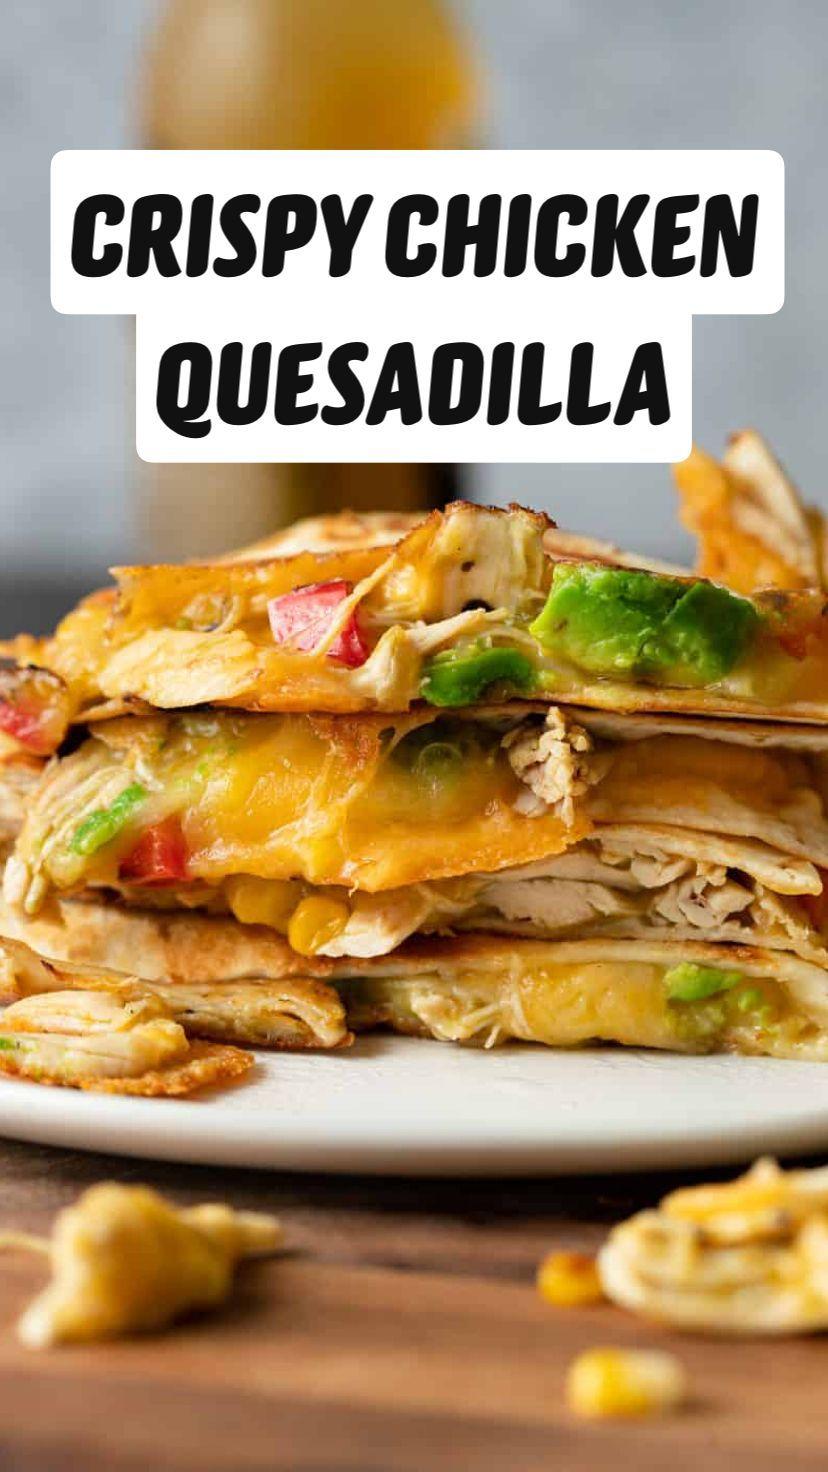 Crispy Chicken Quesadilla In 2021 Mexican Food Recipes Authentic Mexican Food Recipes Easy Quesadilla Recipes Easy